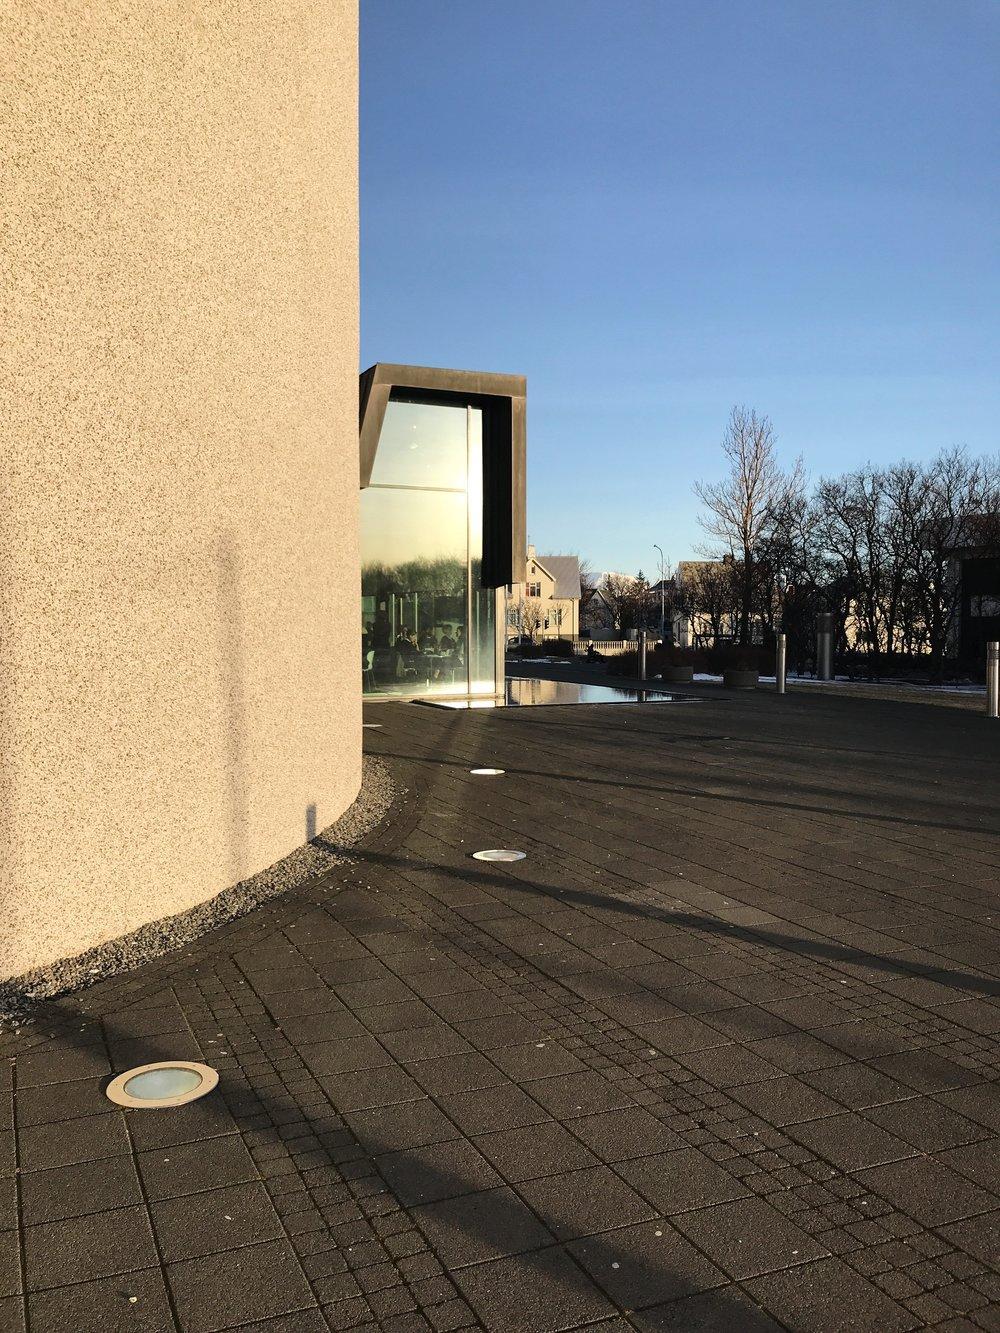 Þjóðminjasafnið-nationalmuseumoficeland-photography